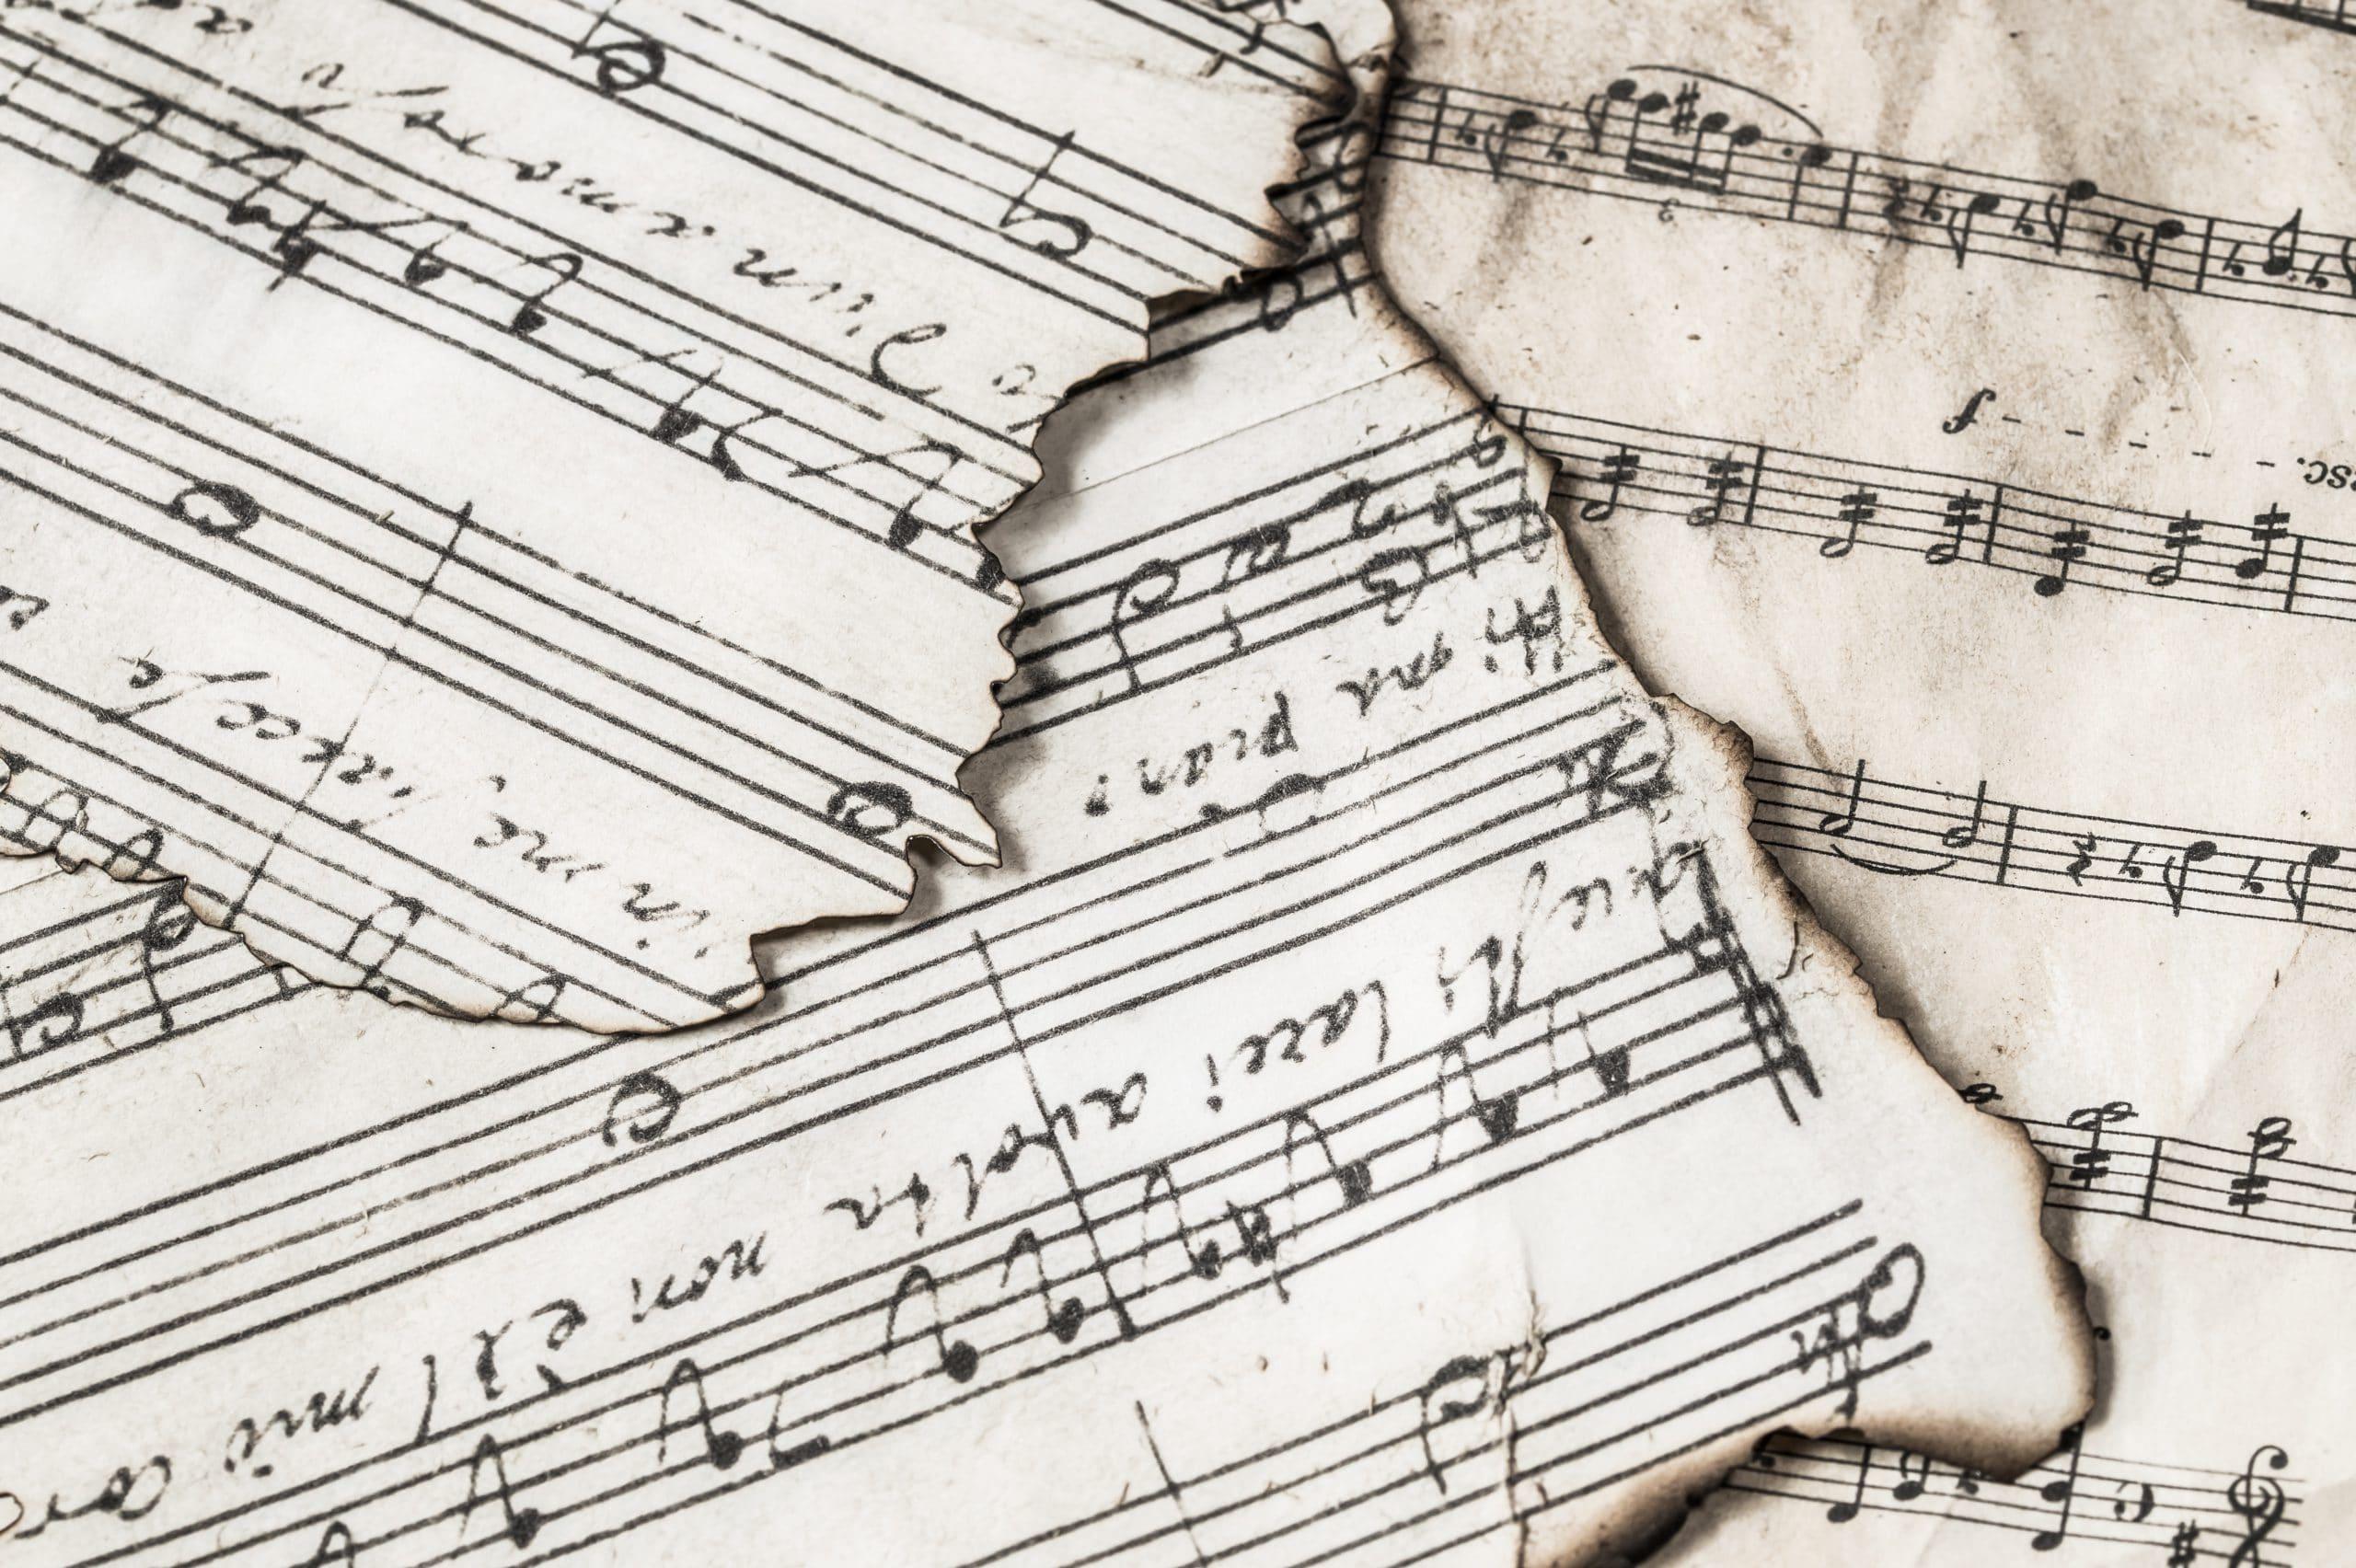 Aan de muziek